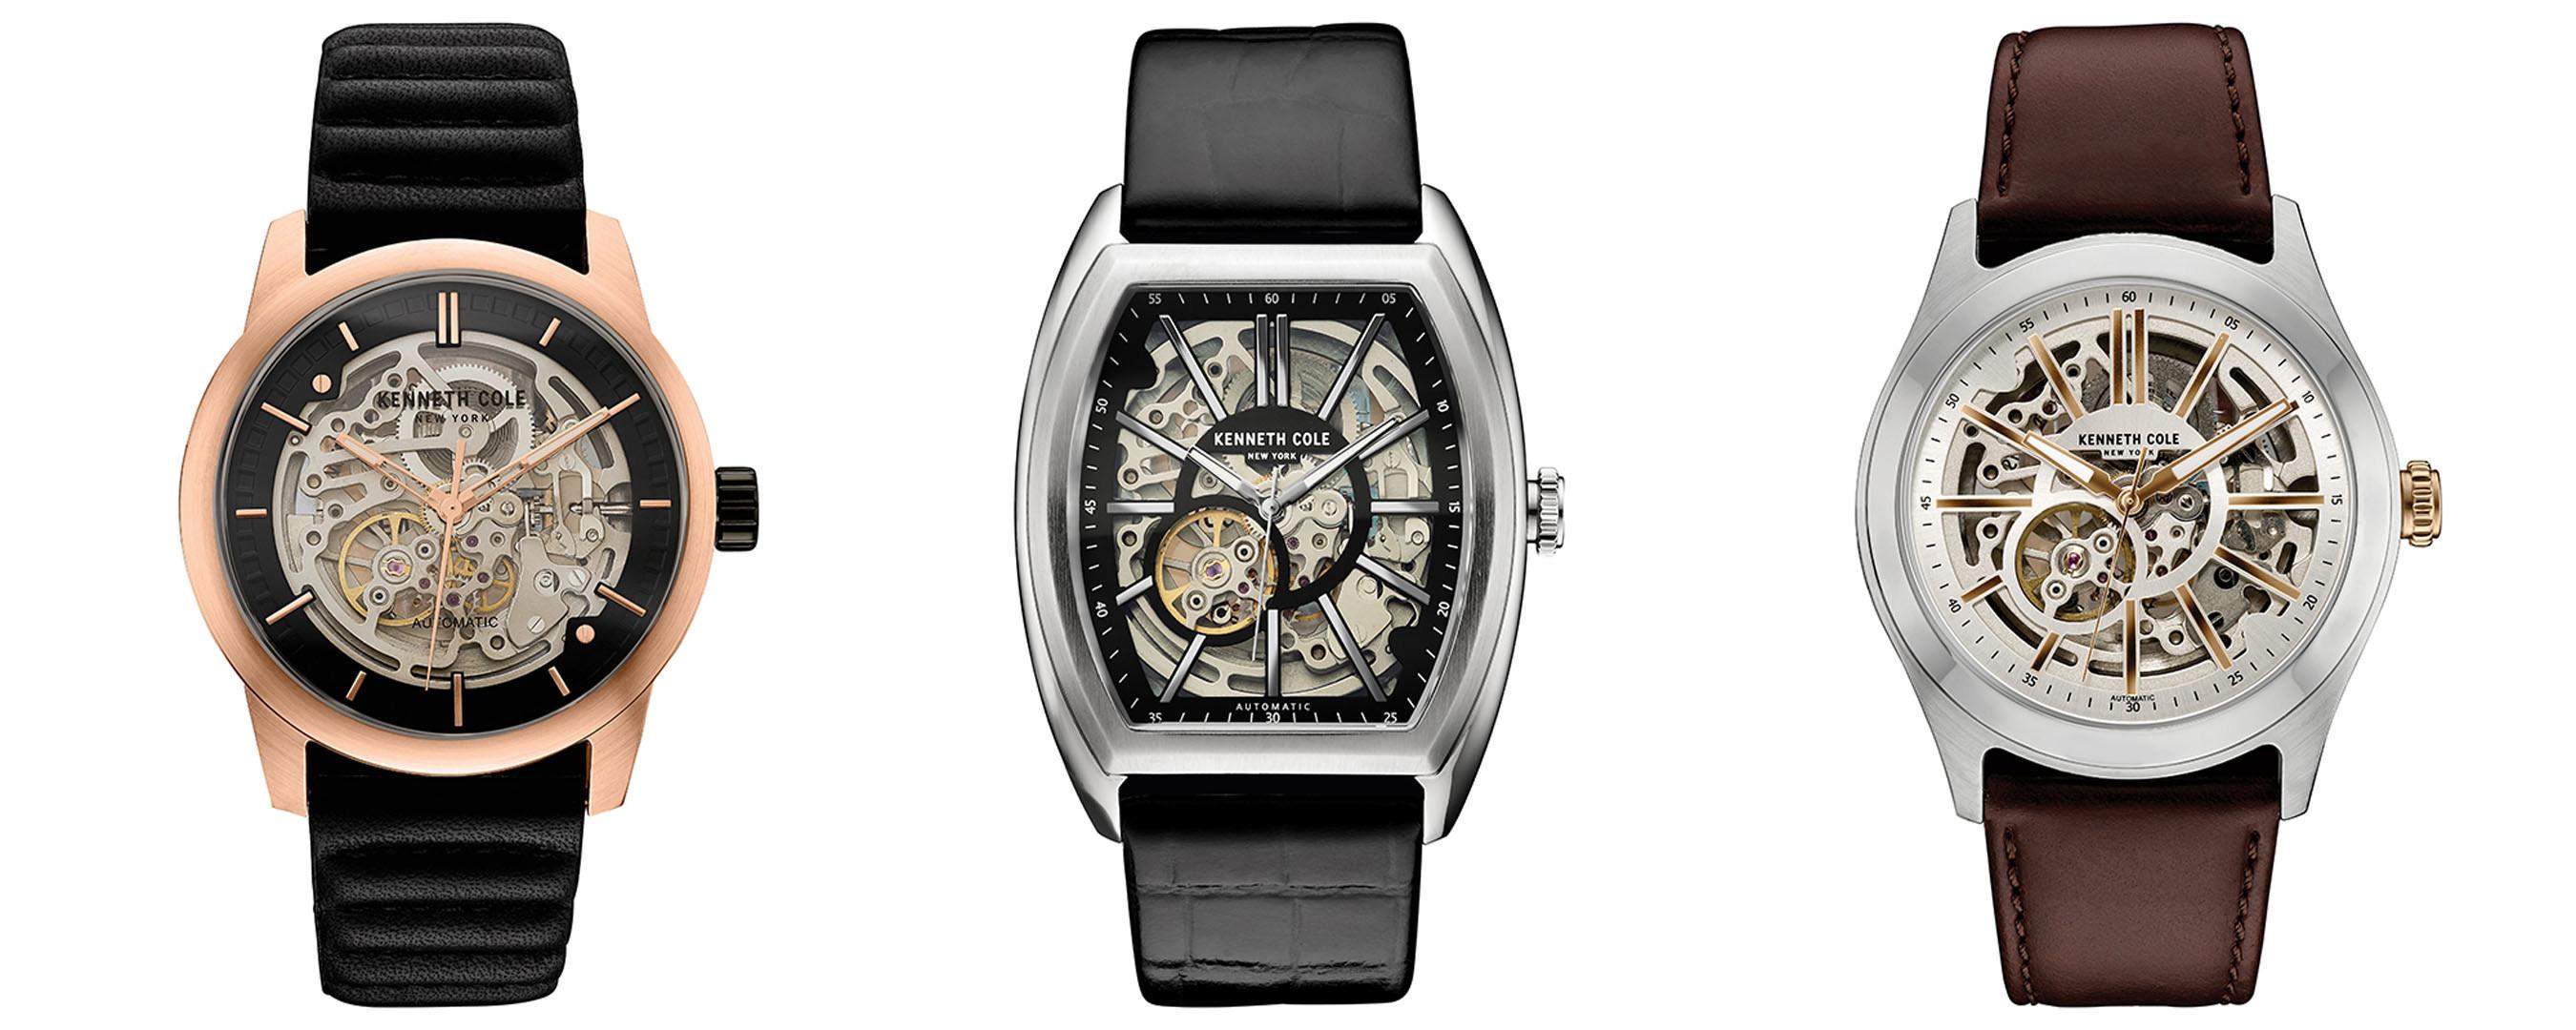 Kenneth Cole présente ses collections de montres automatiques automne/hiver 2016